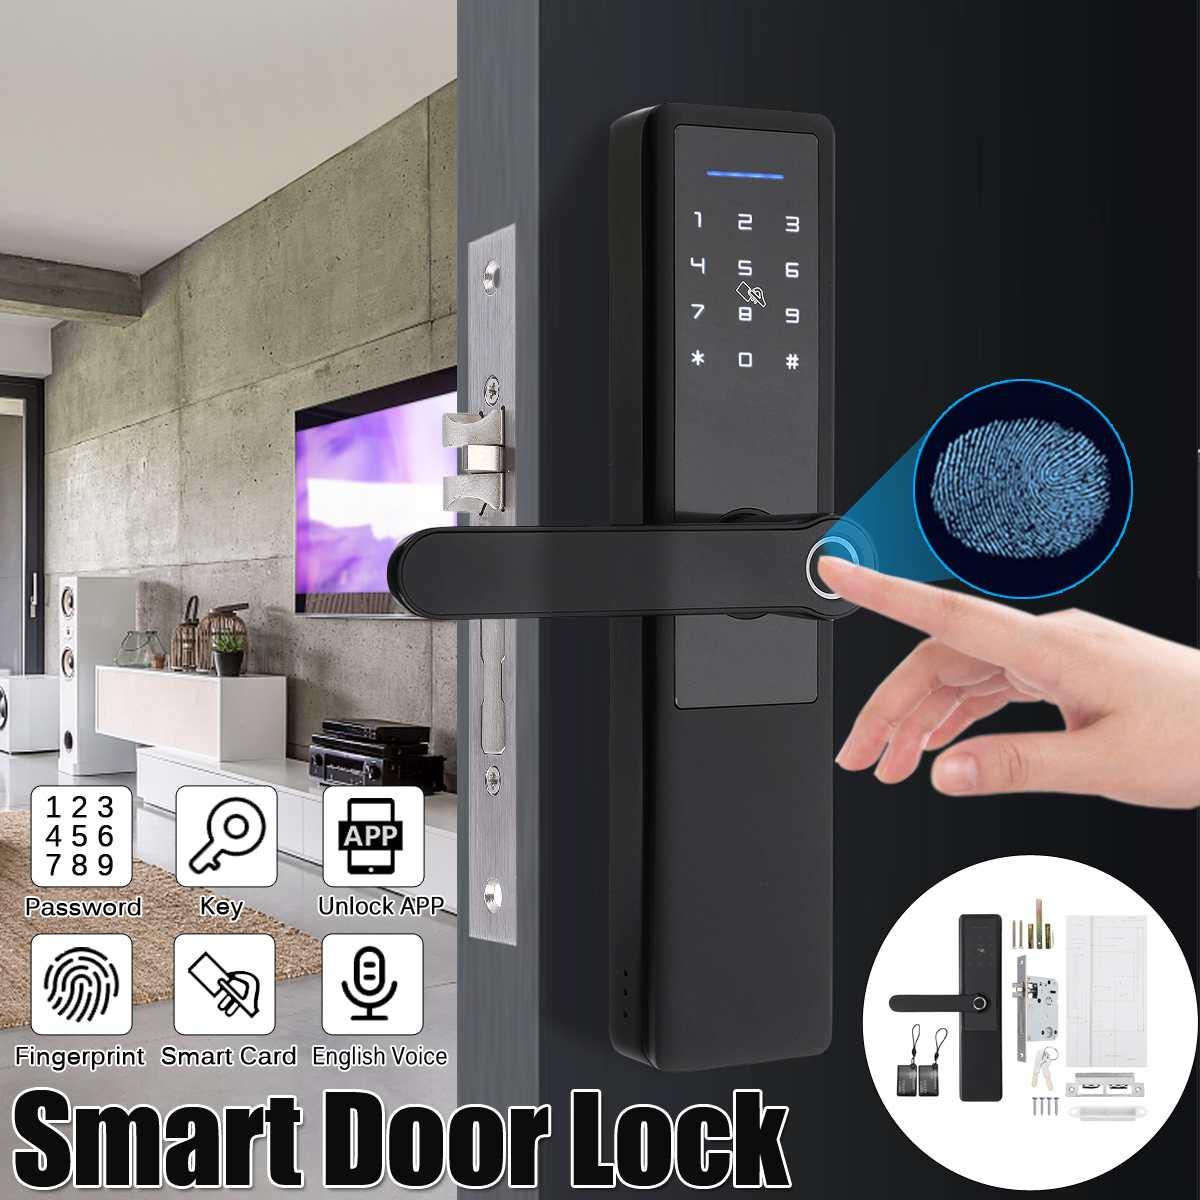 قفل بيومتري كهربائي ، بصمة الإصبع ، قفل باب ذكي رقمي ، لمس رقمي ، كلمة مرور ، مفتاح ، بطاقة وسادة ، بصمة ، 5 طرق